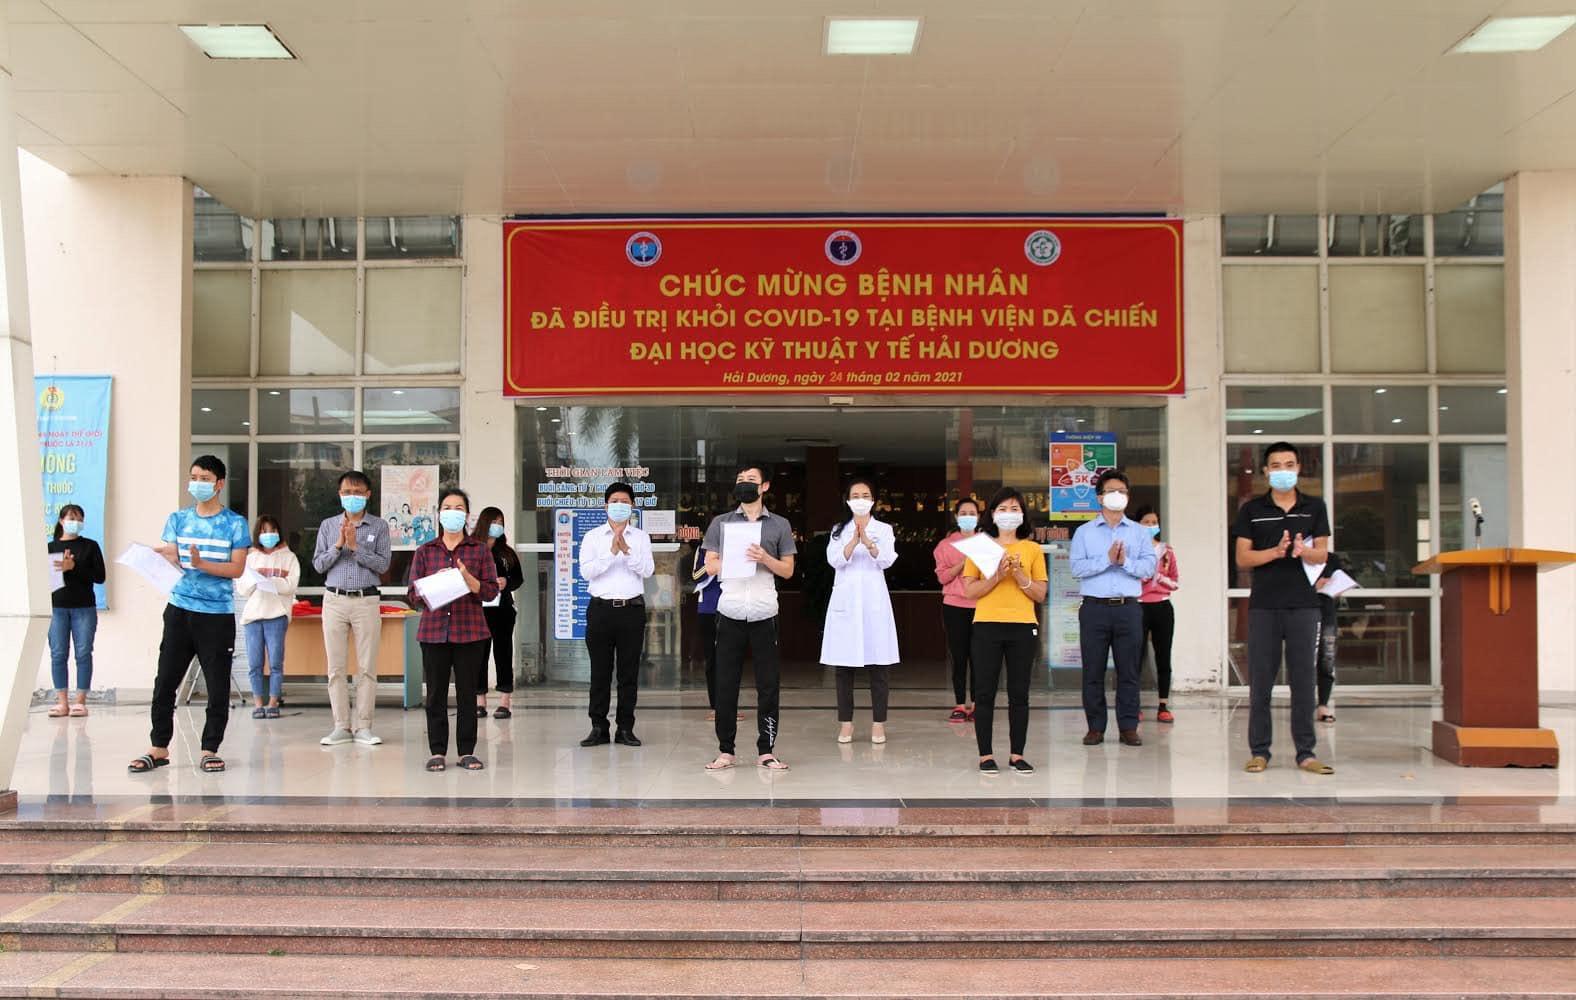 Hình ảnh: Bộ Y tế: Sáng 27/2 Việt Nam không ghi nhận ca nhiễm mới, Hải Dương 27 bệnh nhân nhiễm COVID – 19 ra viện. số 2